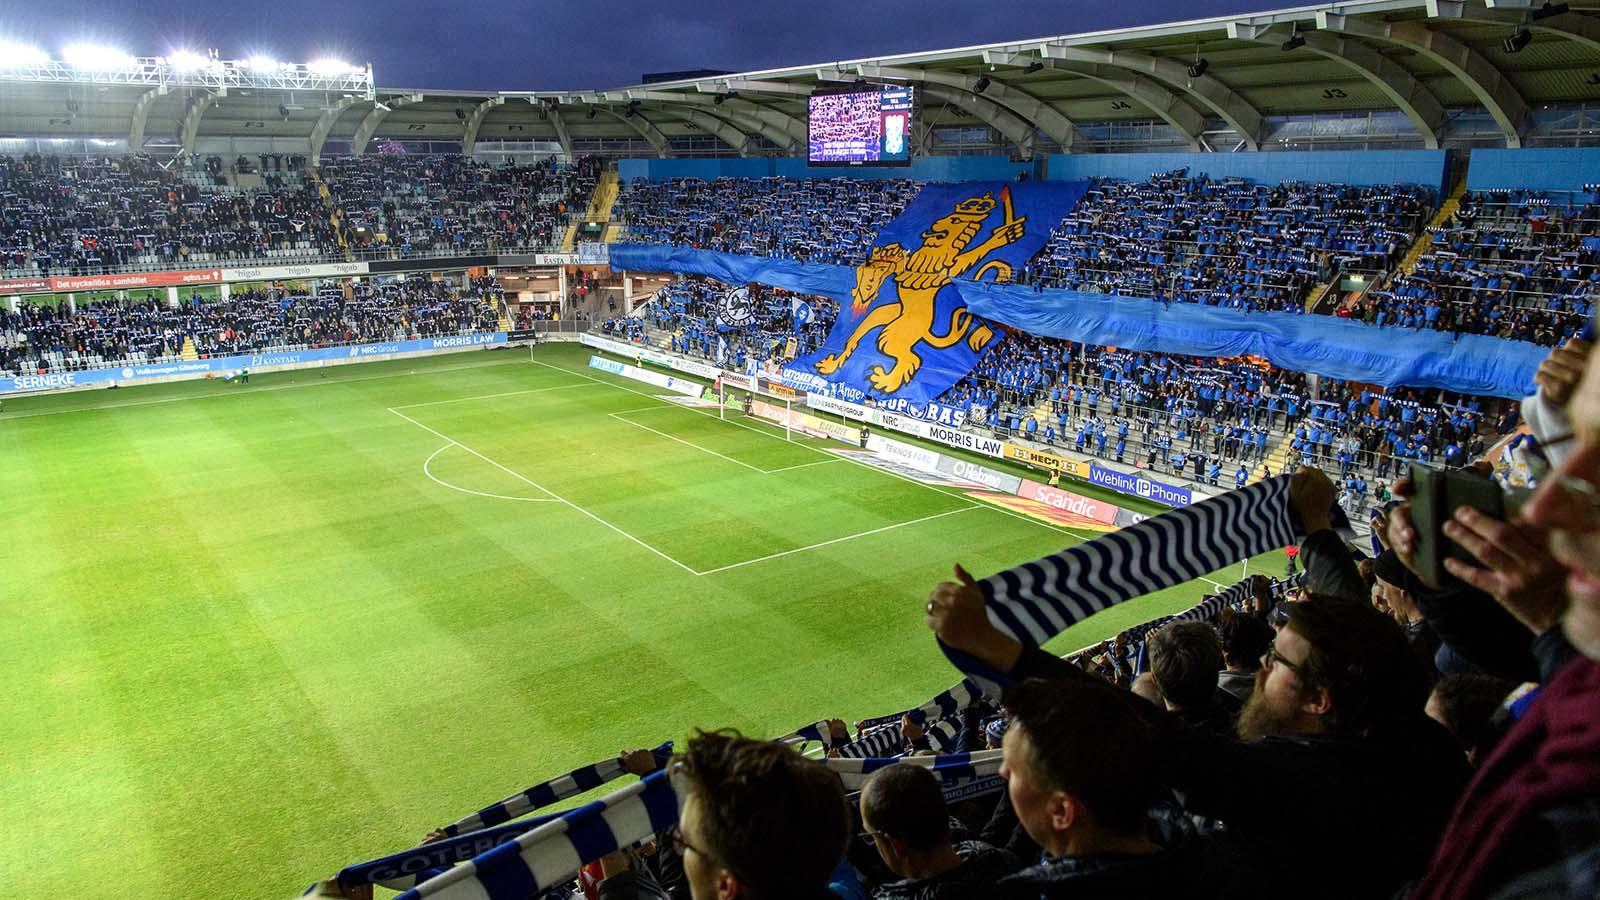 180927 IFK Göteborgs supportrar med tifo innan fotbollsmatchen i Allsvenskan mellan IFK Göteborg och AIK den 27 september 2018 i Göteborg. Foto: Carl Sandin / BILDBYRÅN / kod CS / 57999_383